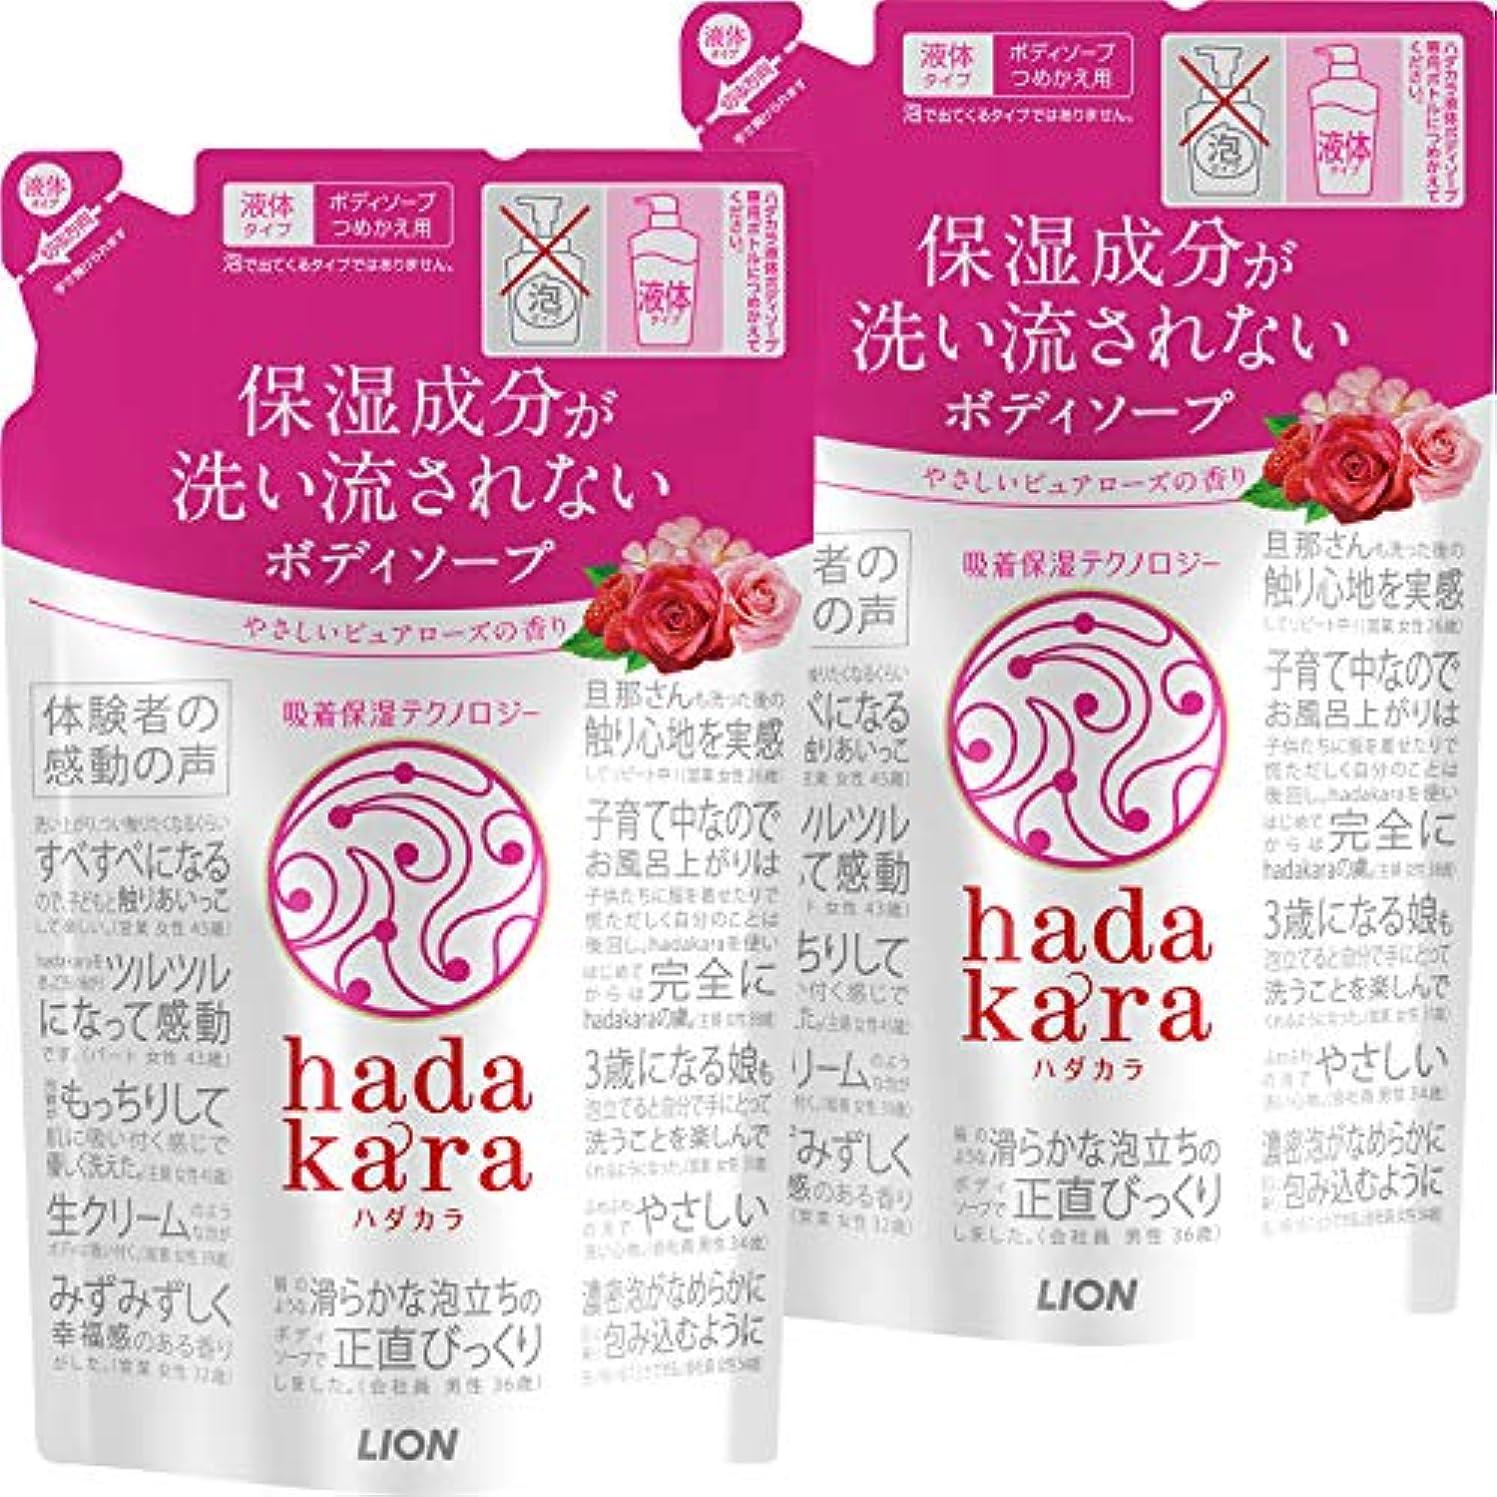 特異な実質的に郵便局【まとめ買い】hadakara(ハダカラ) ボディソープ ピュアローズの香り 詰め替え 360ml×2個パック